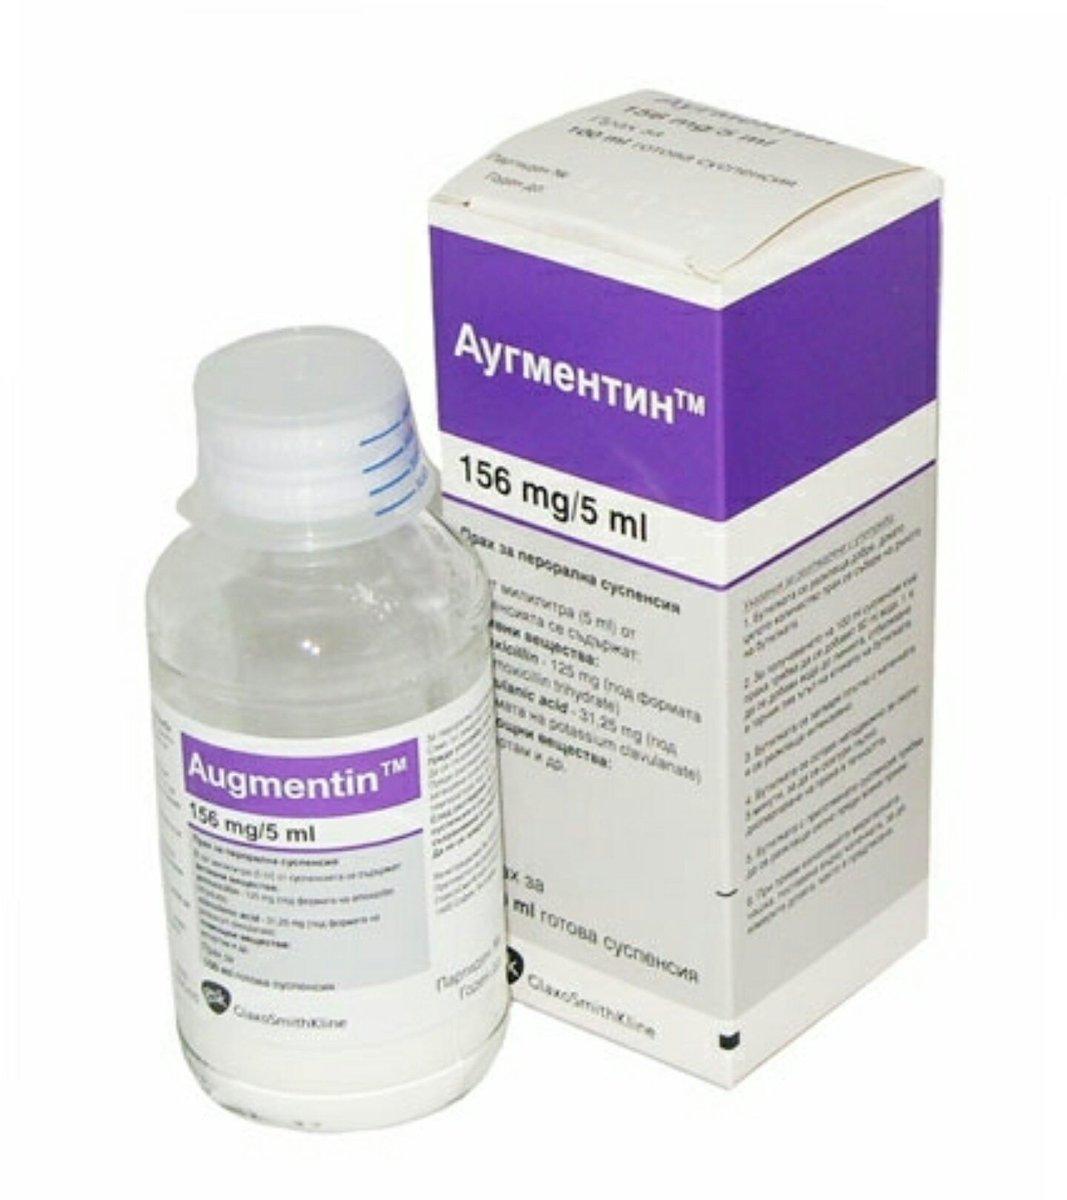 سعر ومواصفات شراب اوجمنتين للاطفال مضاد حيوي لعلاج العدوى البكتيرية